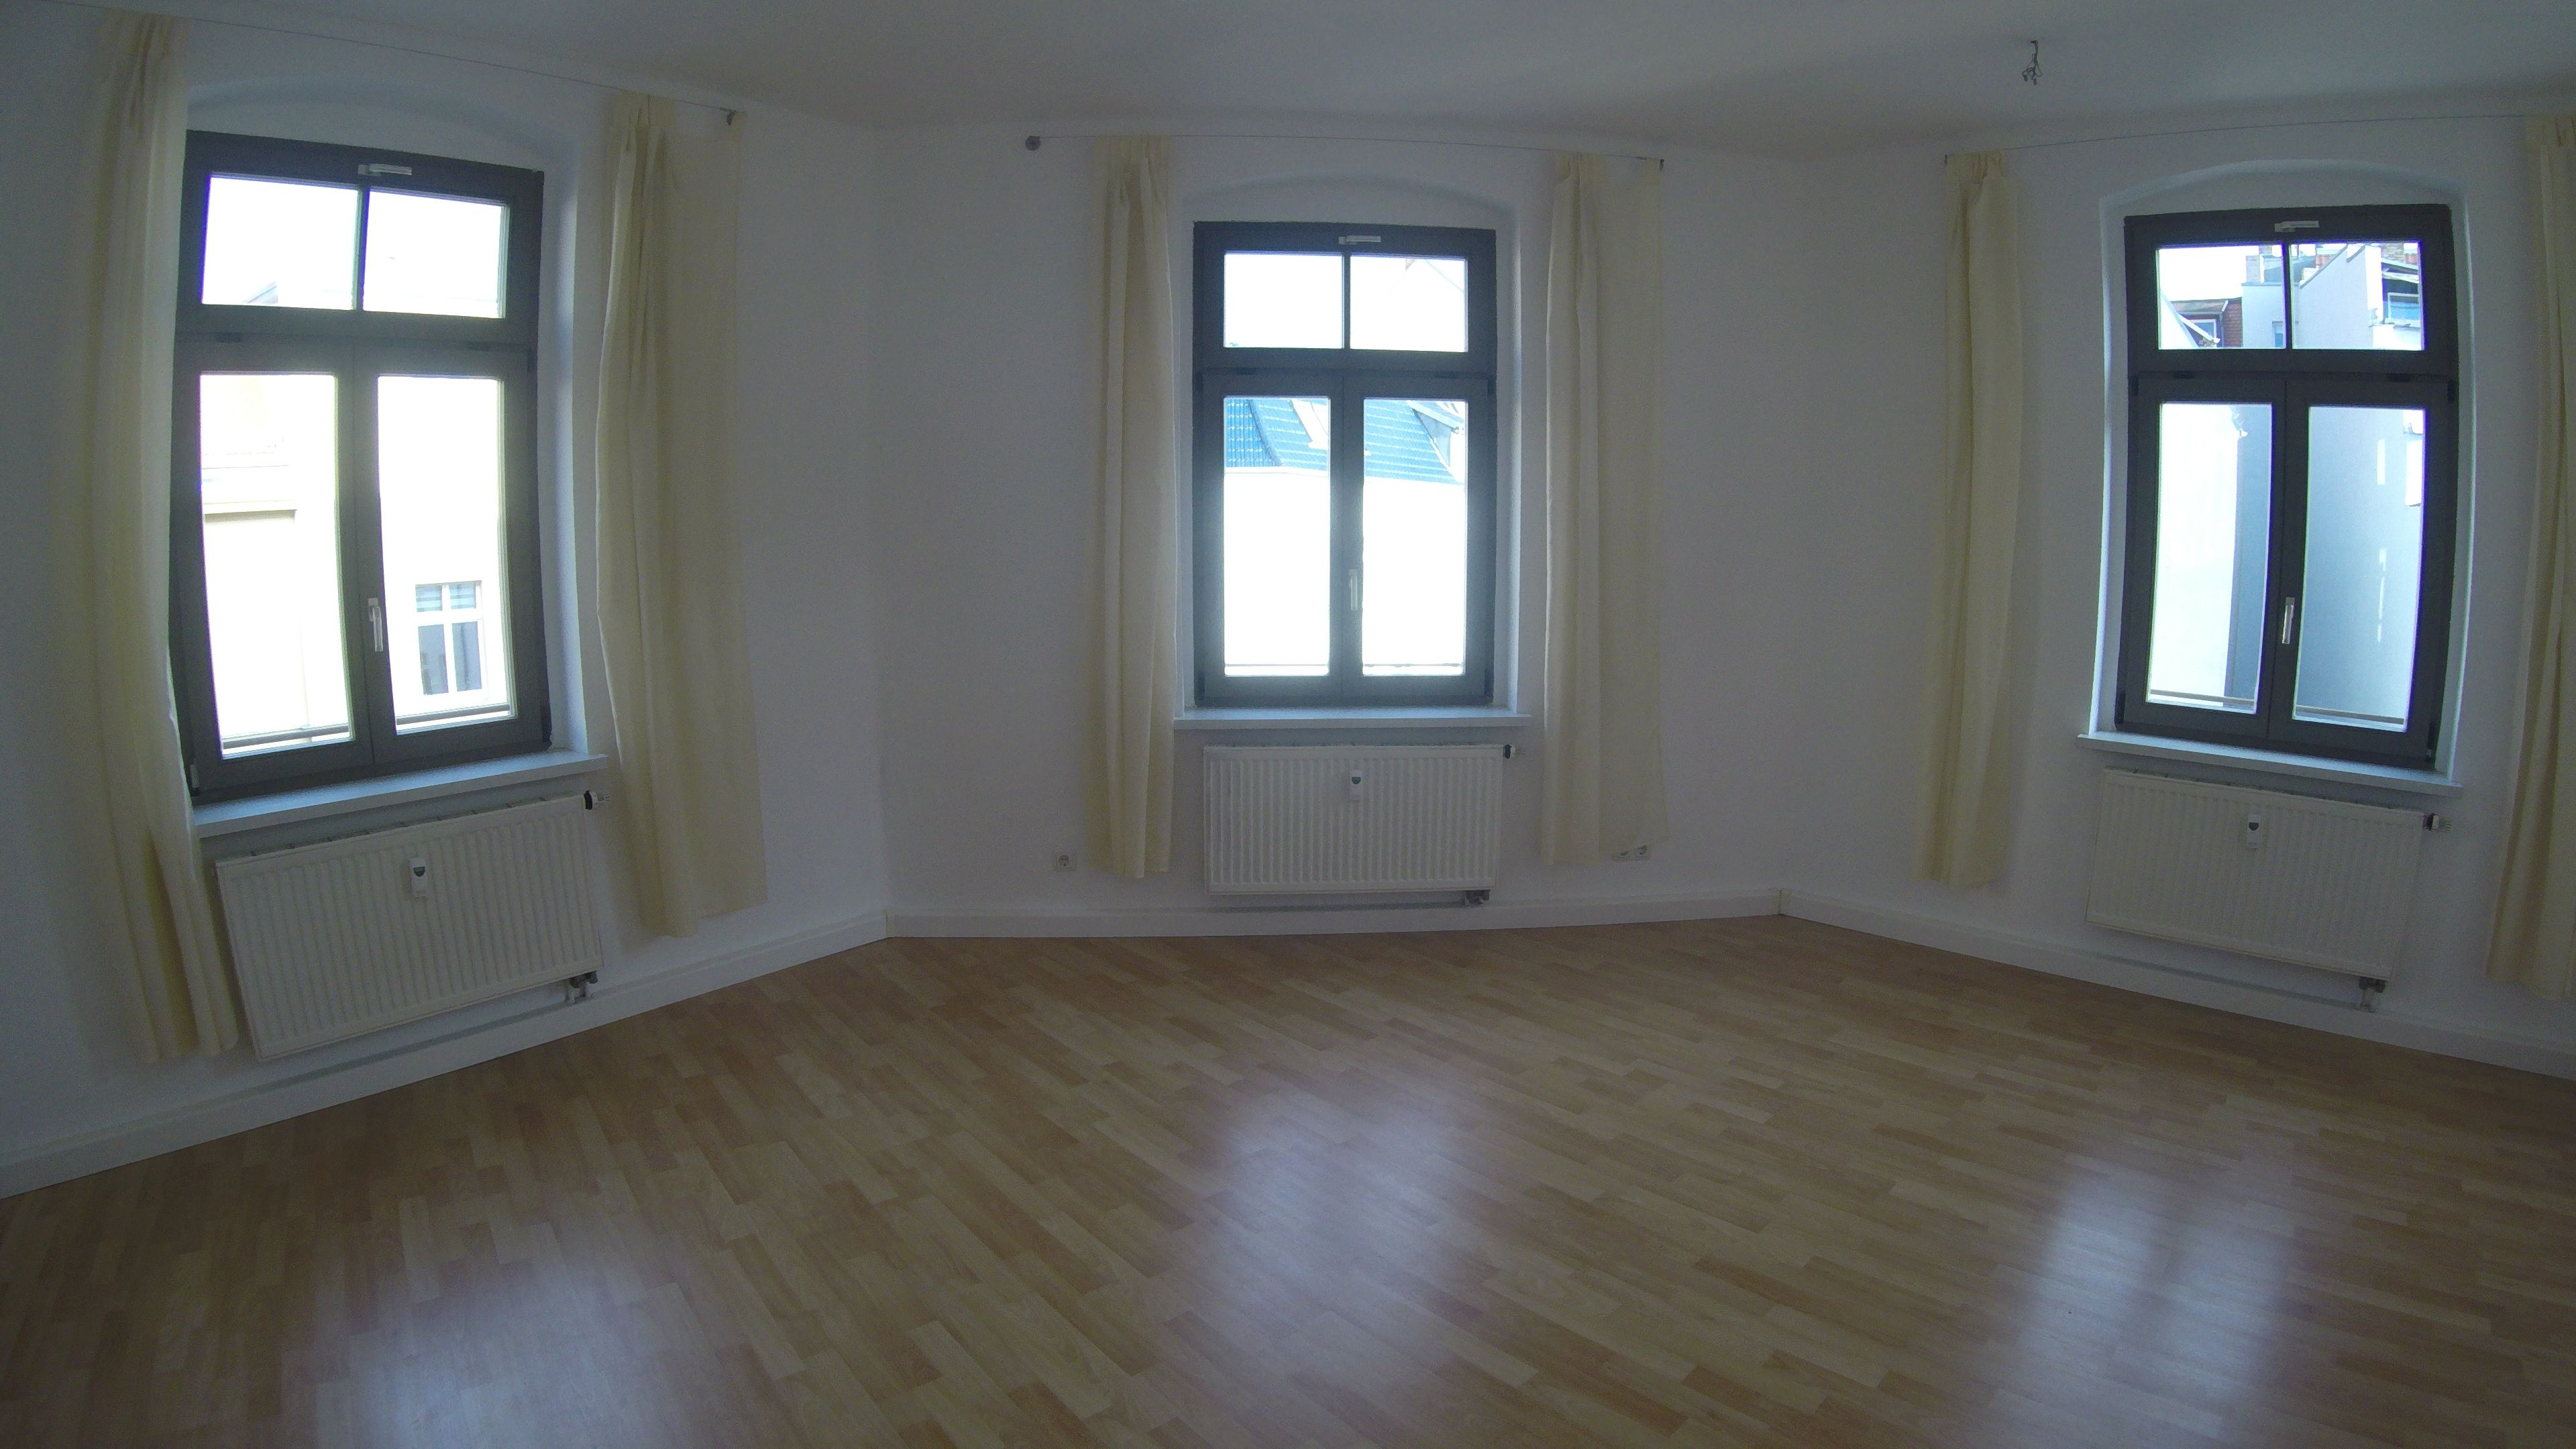 Eichendorfstrasse 3 Zimmer Saniert Im 2 Og Mitte Wannenbad Mit Fenster Diele Mit Garderobenbereich Wohnzimmer Ist Durchgangszimmer Zum 2 Schlafz Pinterest